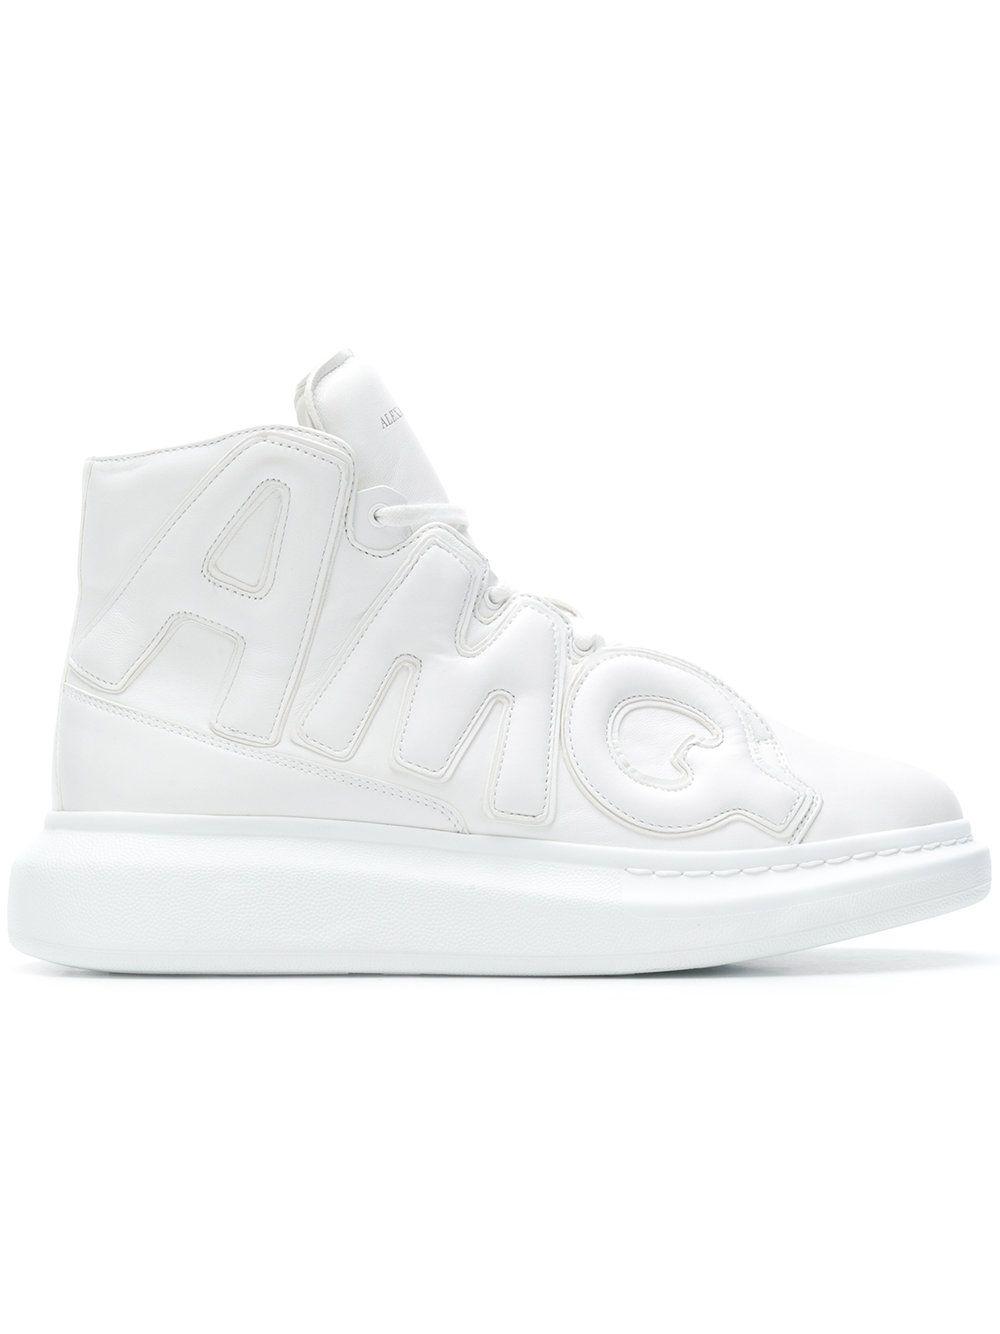 c11e1683c88 Alexander McQueen High top oversized sneakers | Shoes | Sneakers ...